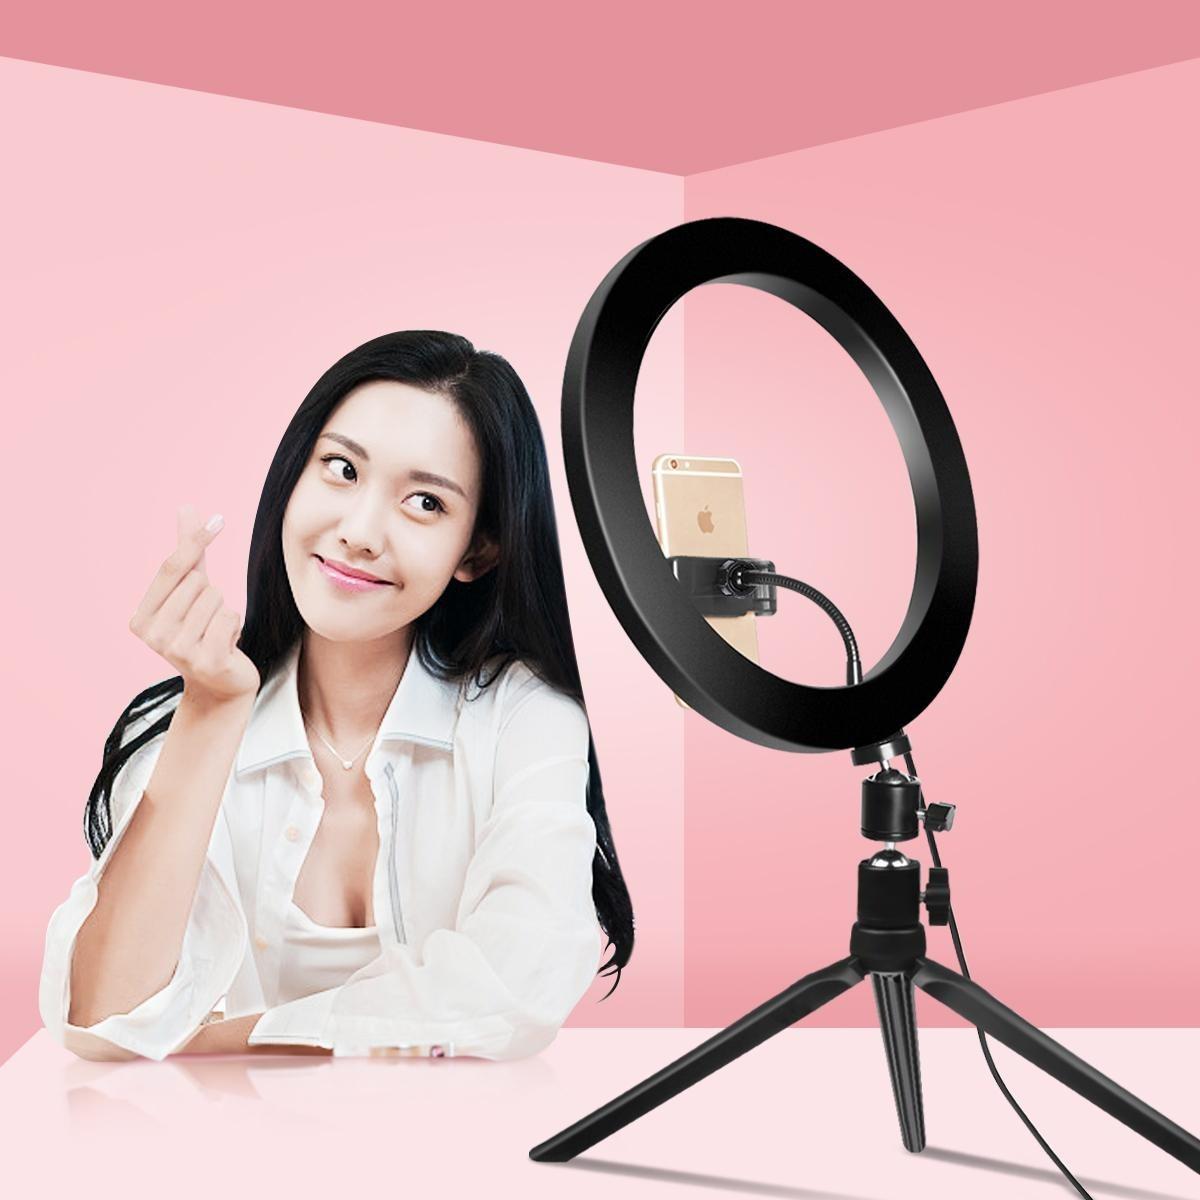 Кільцева світлодіодна LED лампа Mirror LC-330 33 см з штативом та тримачем для телефон Чорний